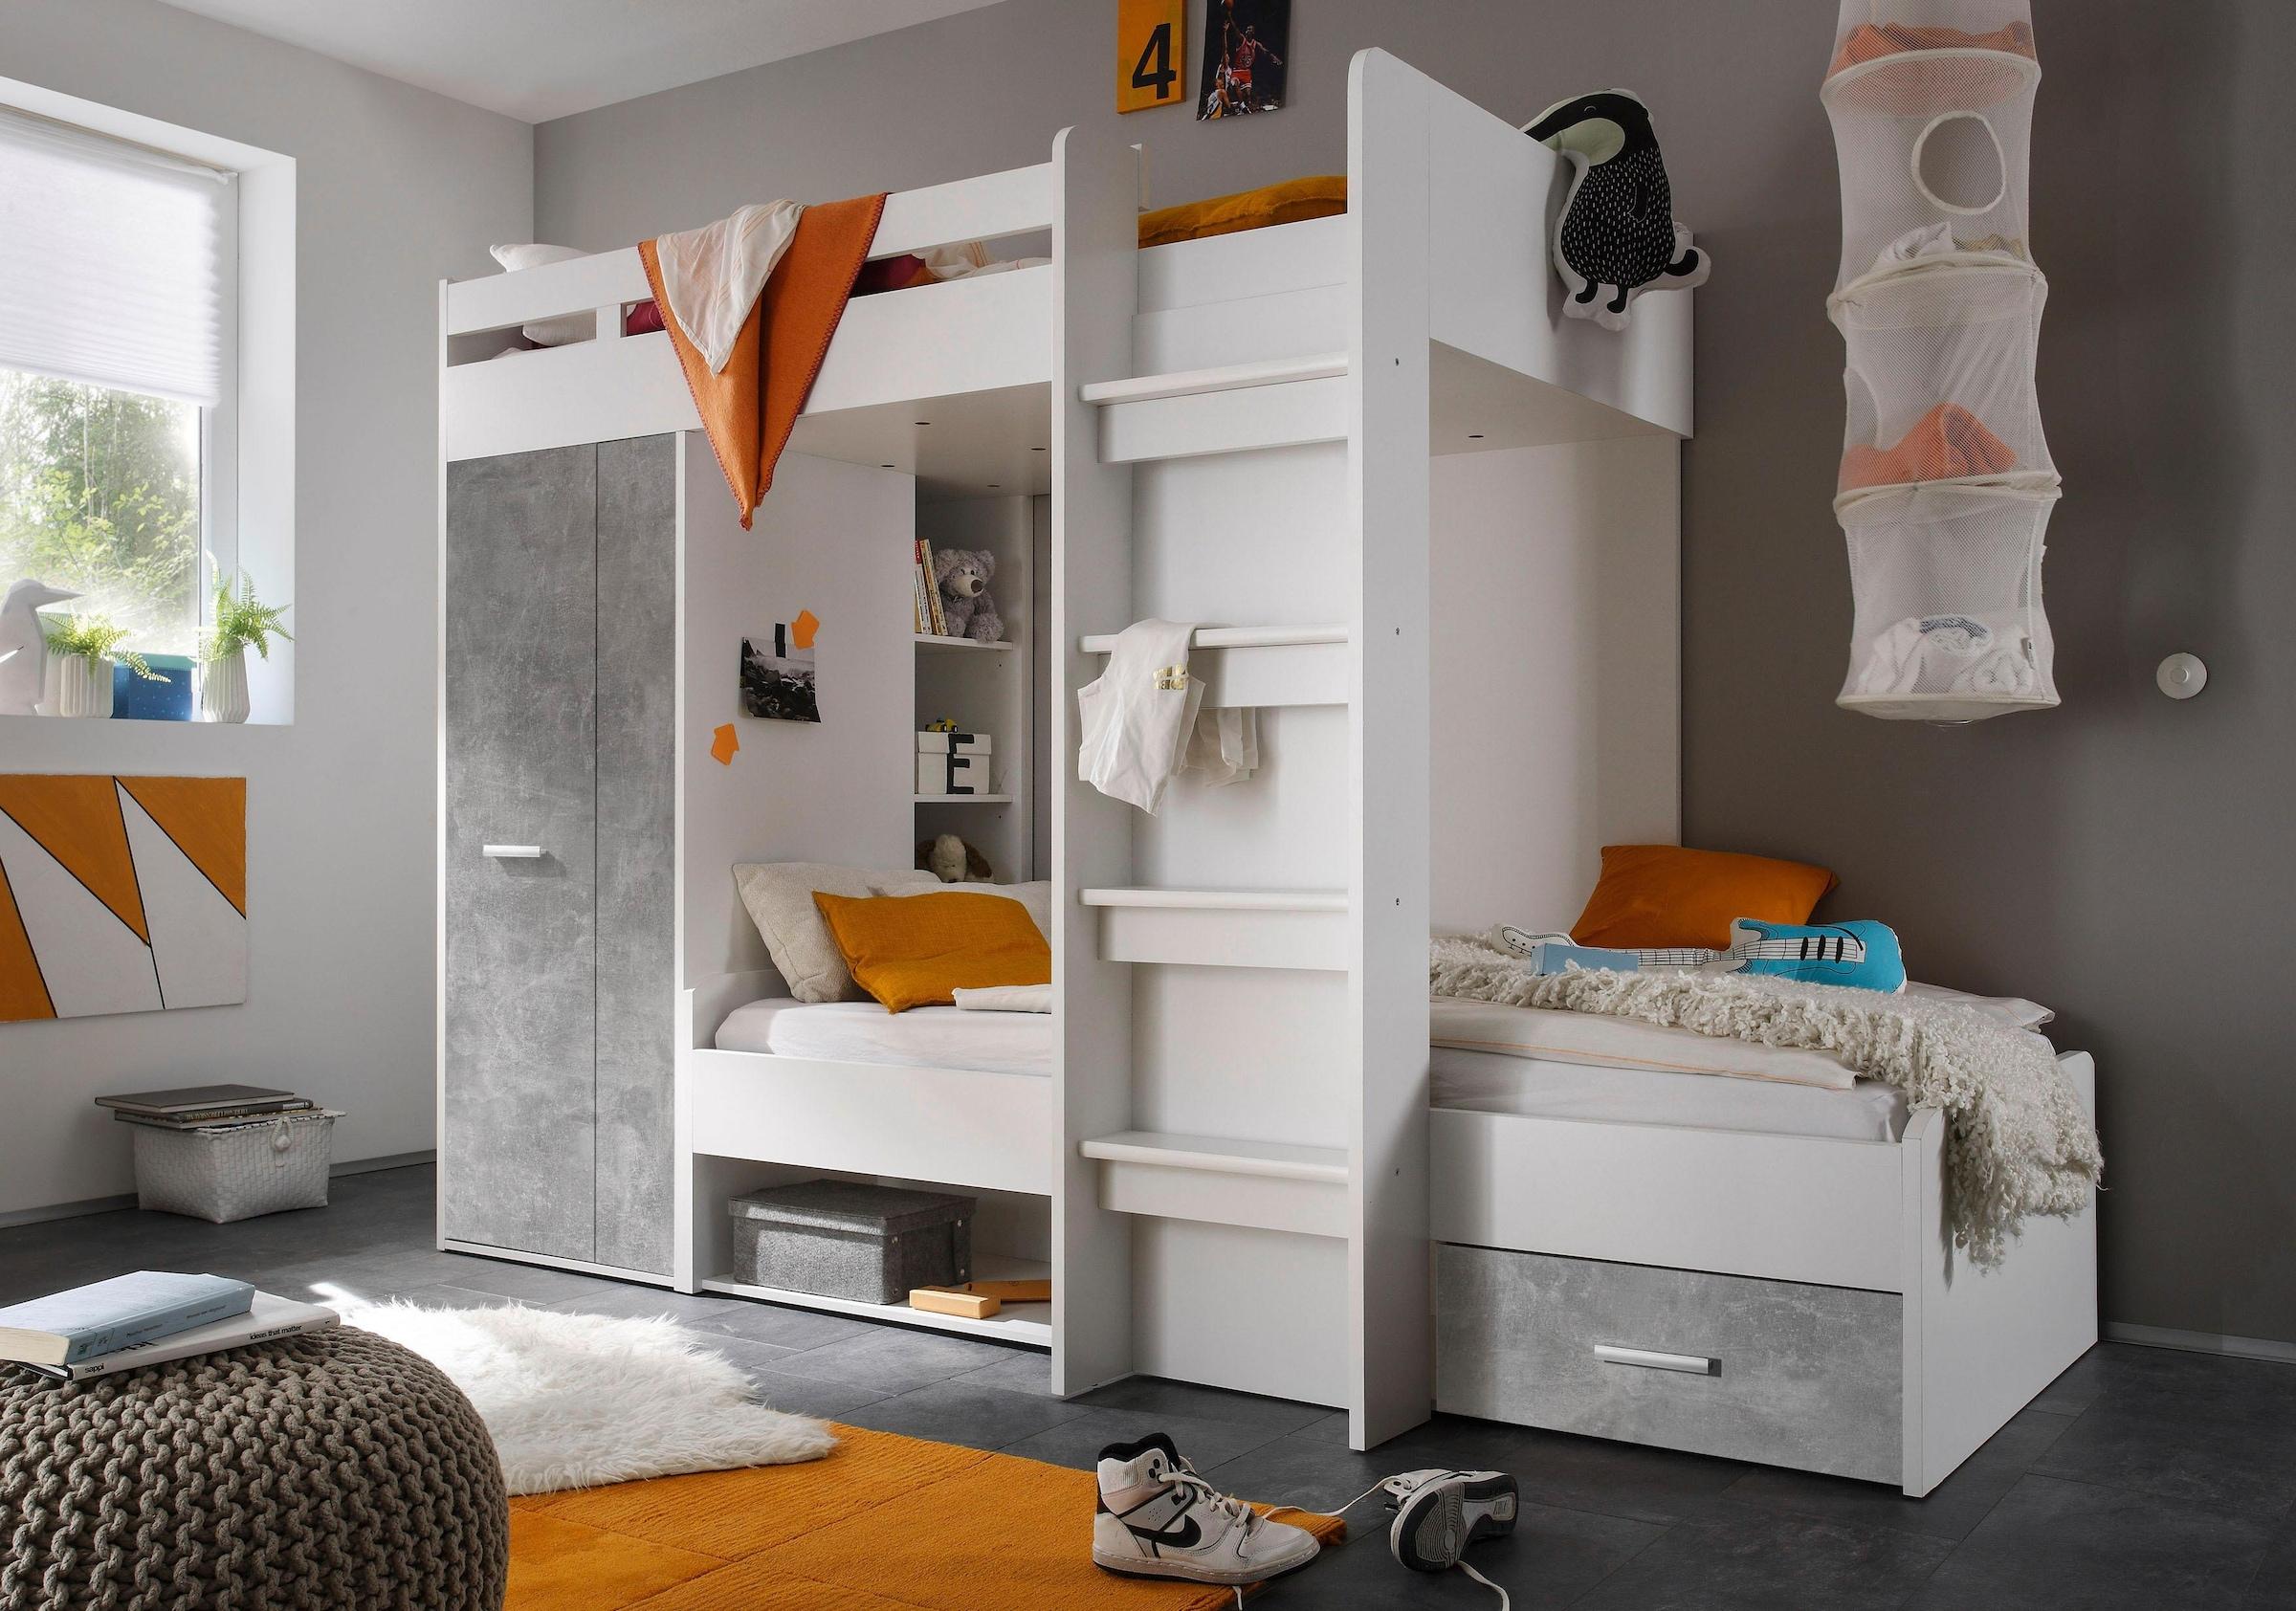 Dreier Etagenbett Kaufen : Hochbett zwei personen top etagenbett best of wei mit